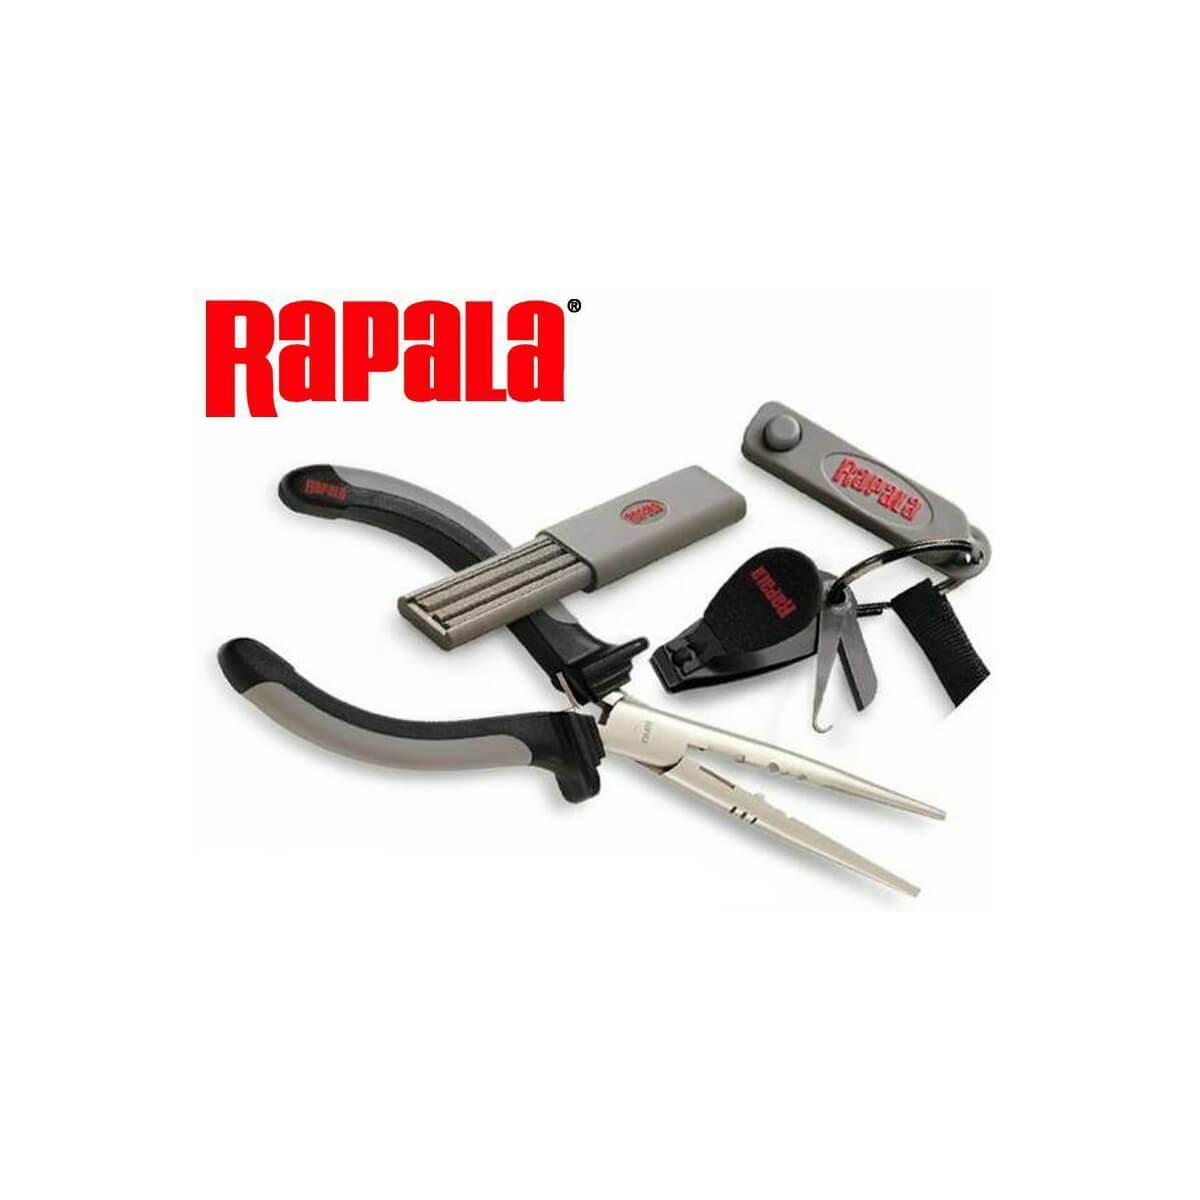 Combo Rapala Pack com Alicate Faca e Cortador de Linha  - Pró Pesca Shop